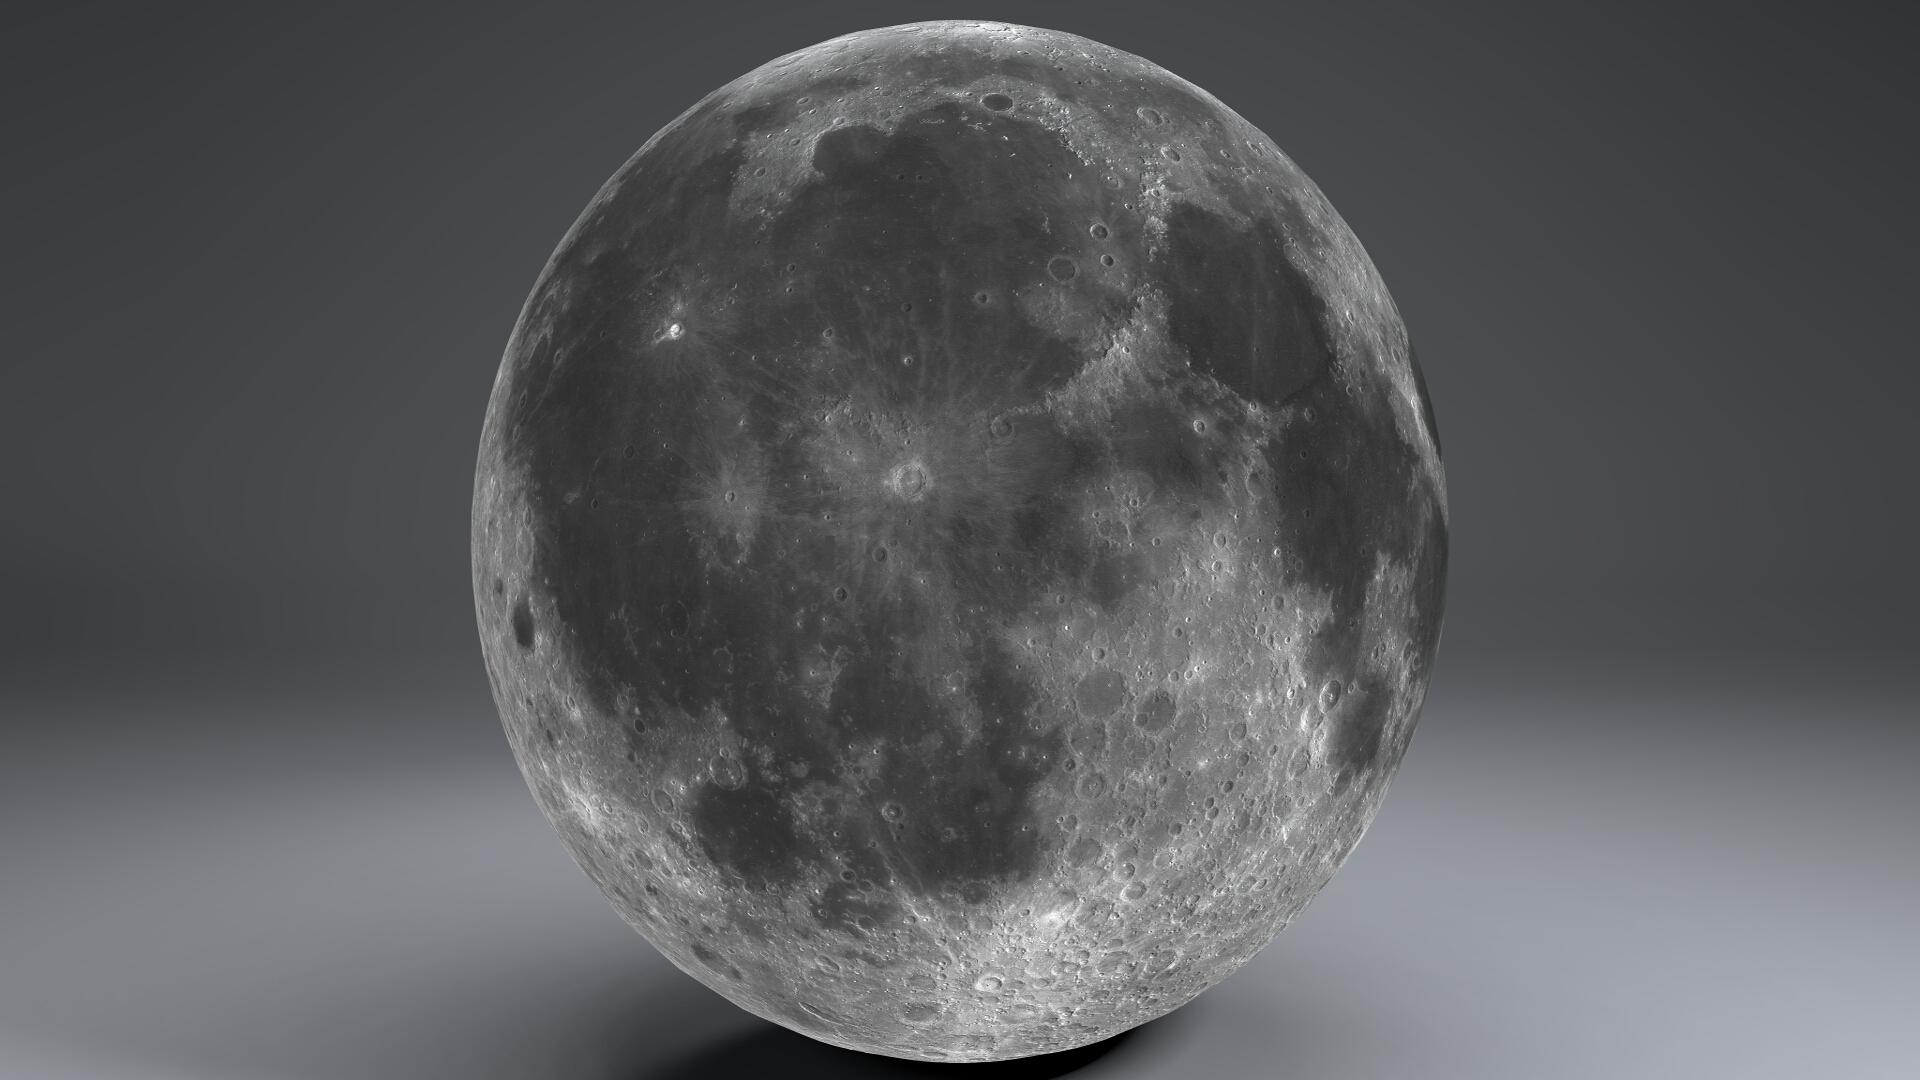 moon globe 23k 3d model 3ds fbx blend dae obj 222146